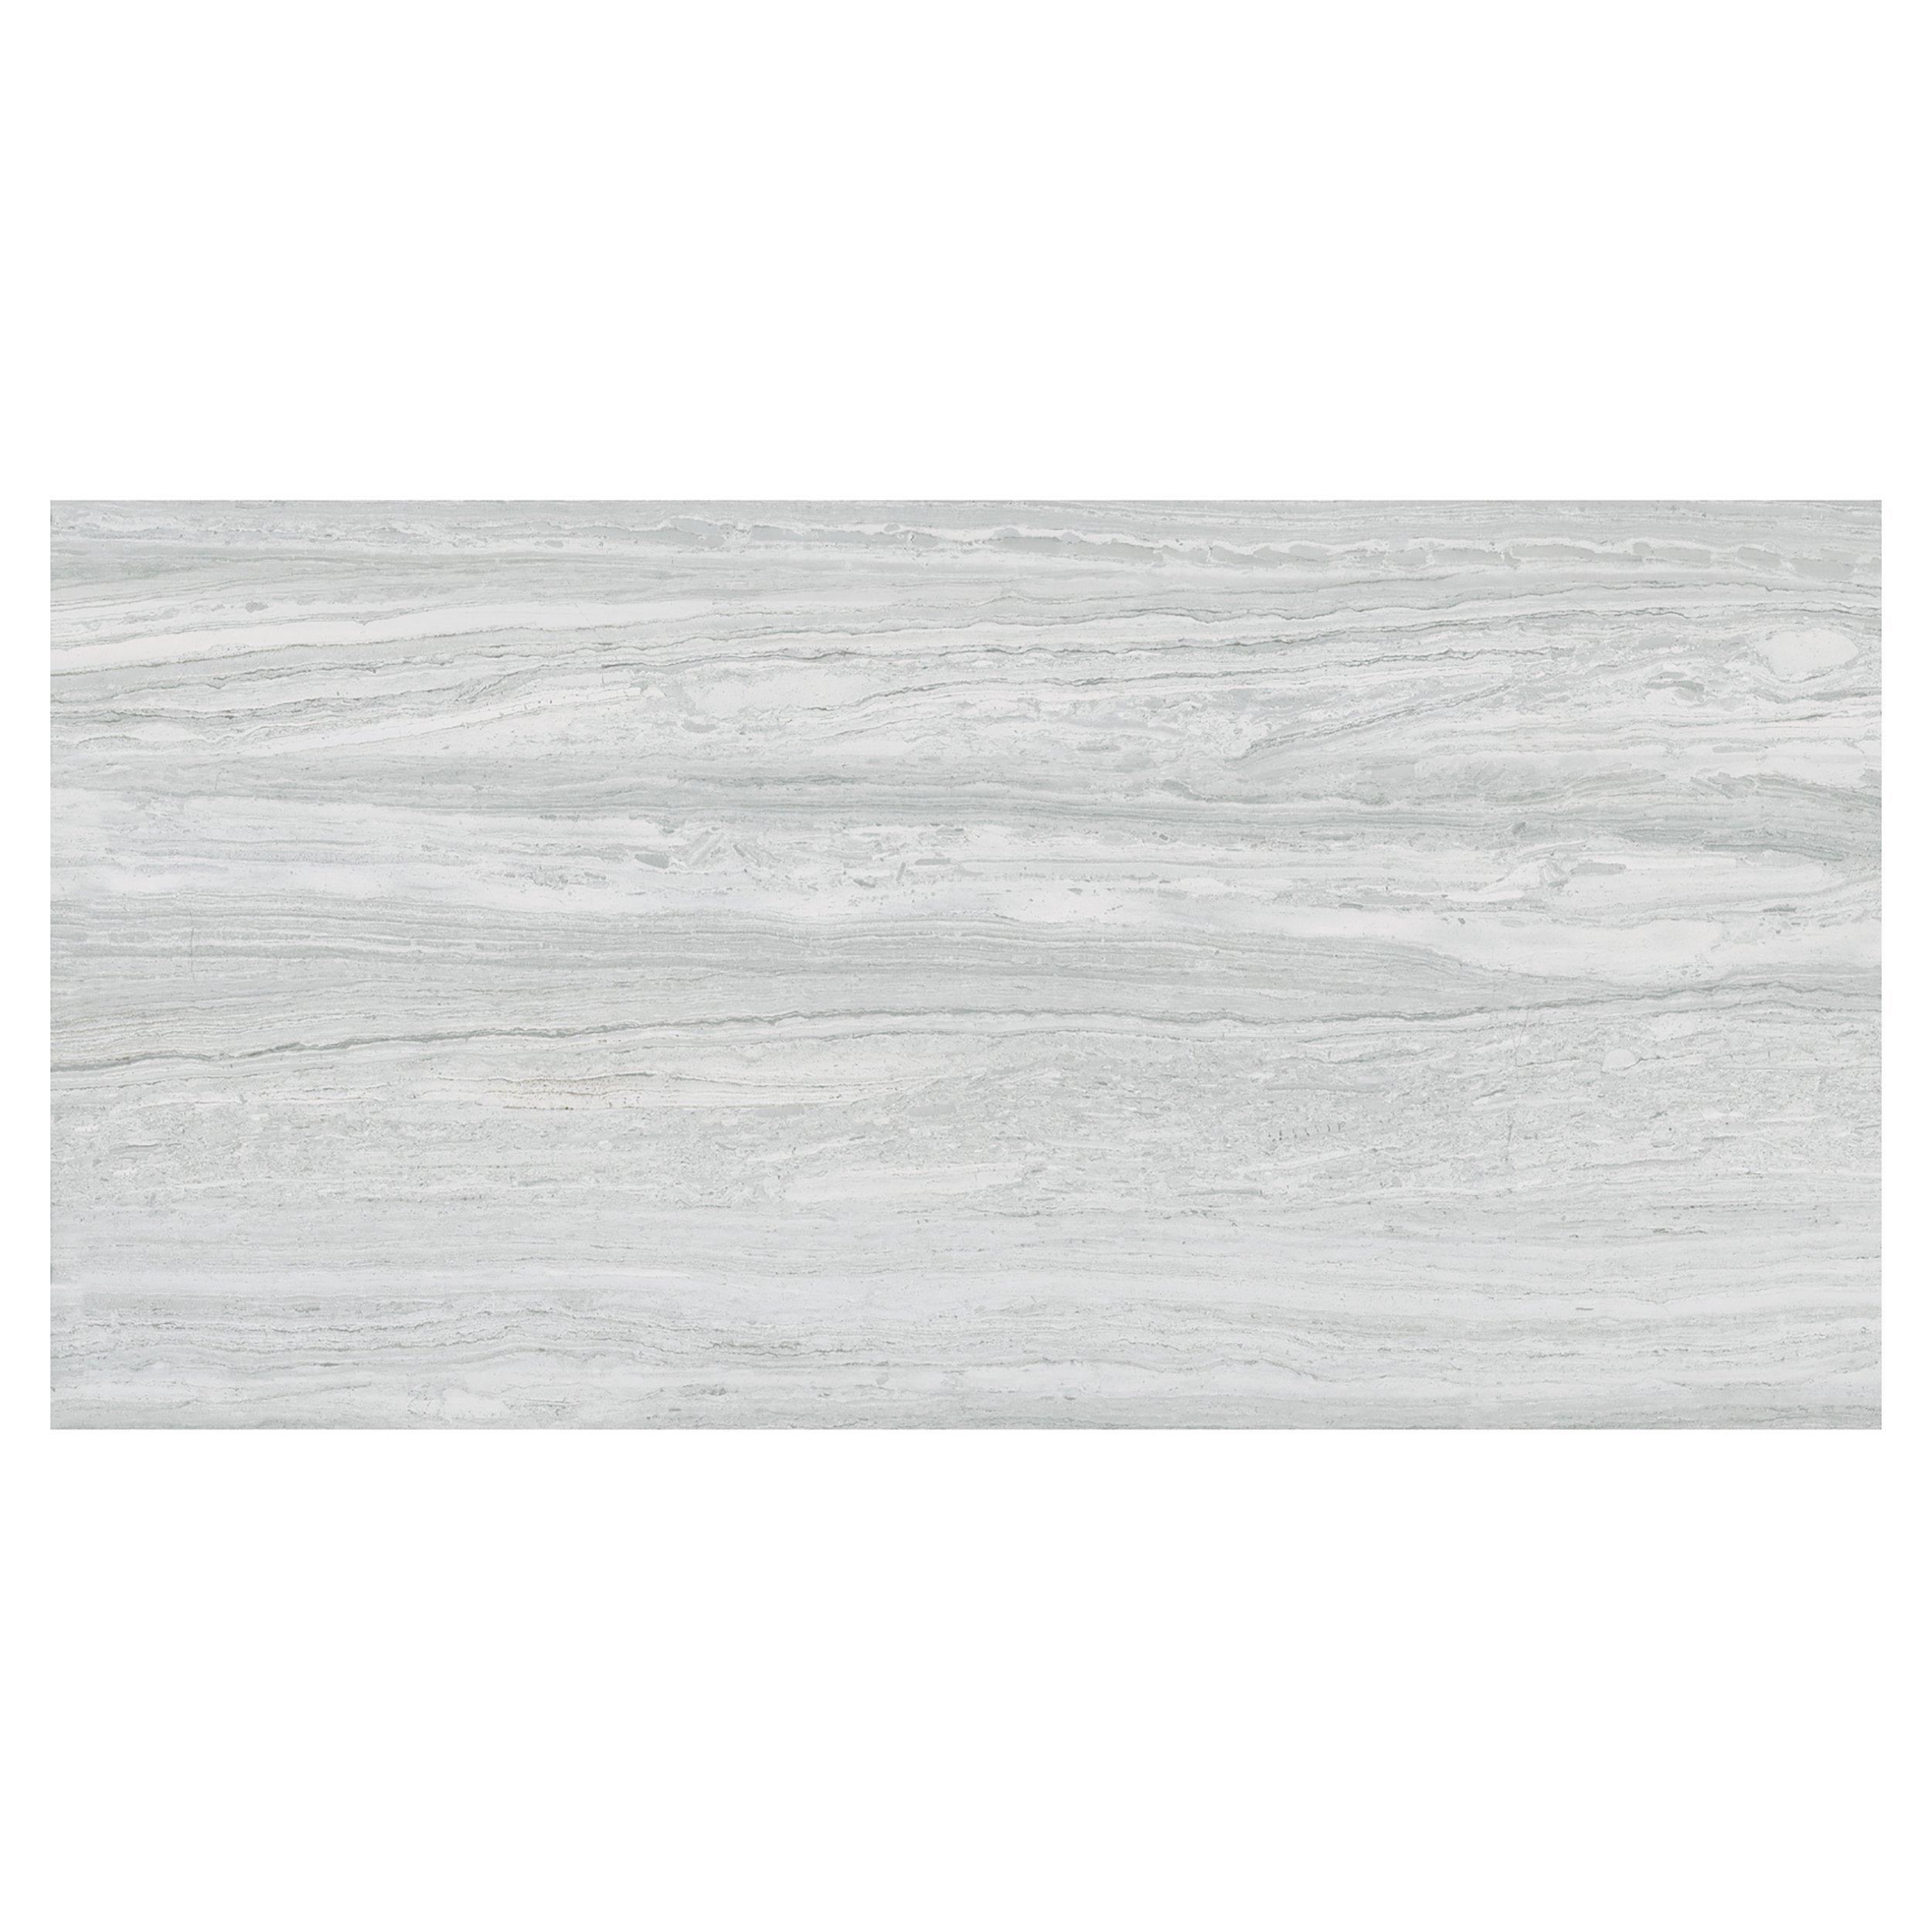 Sonoma Perla Porcelain Tile